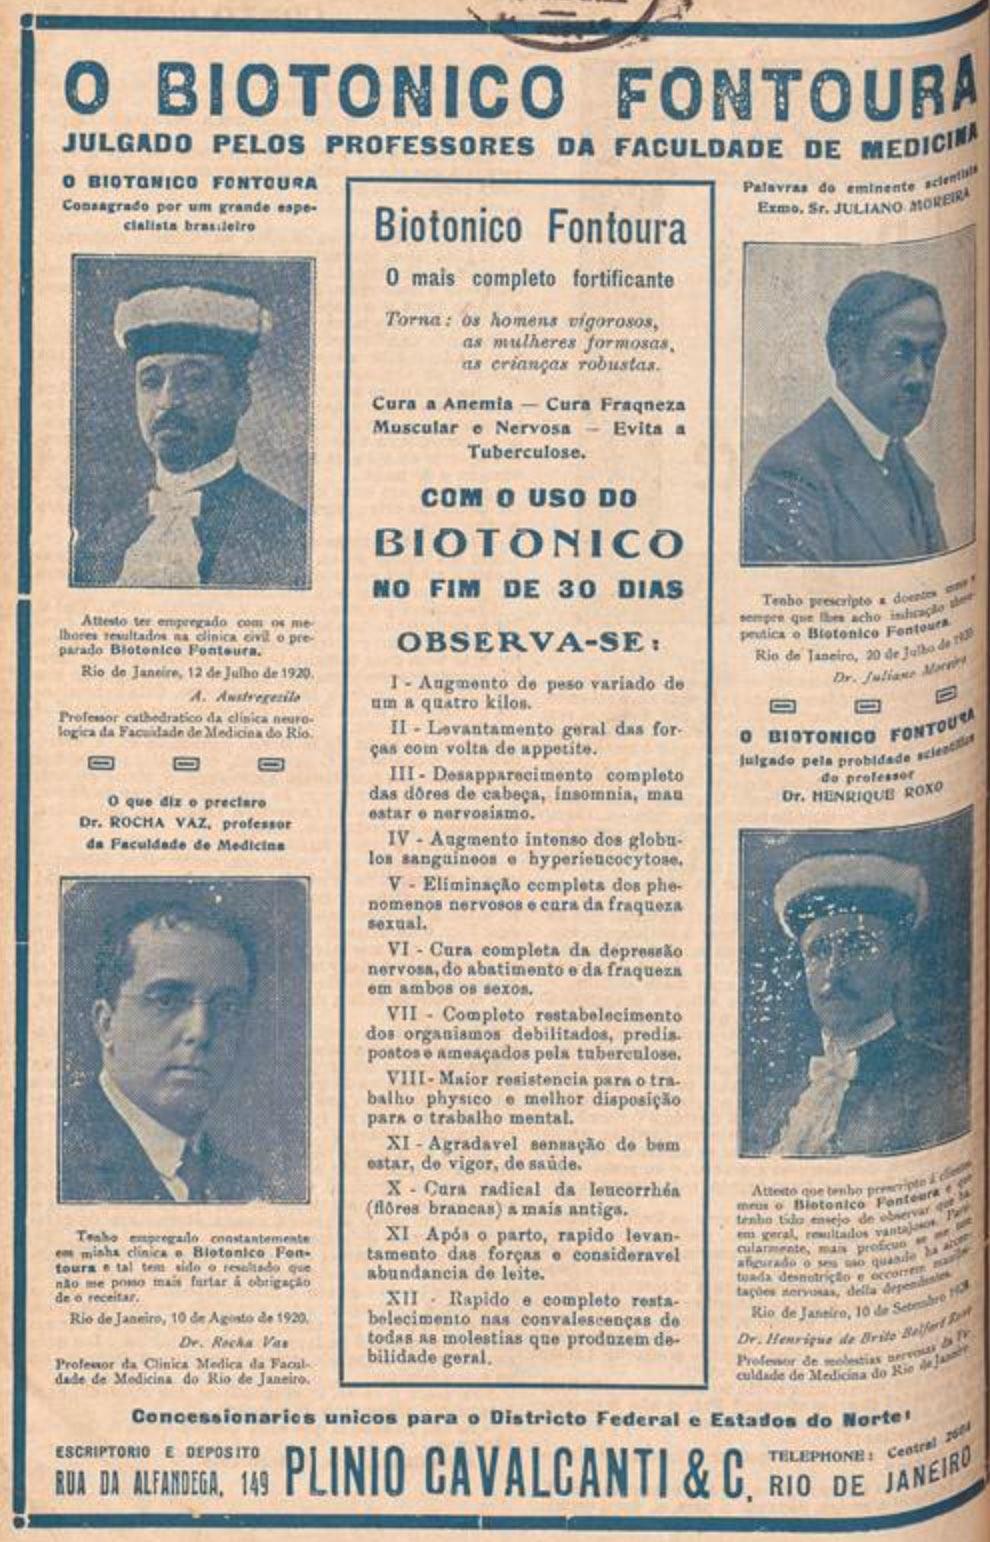 Anúncio antigo do Biotônico Fontoura com endosso de professores da faculdade de medicina em 1922